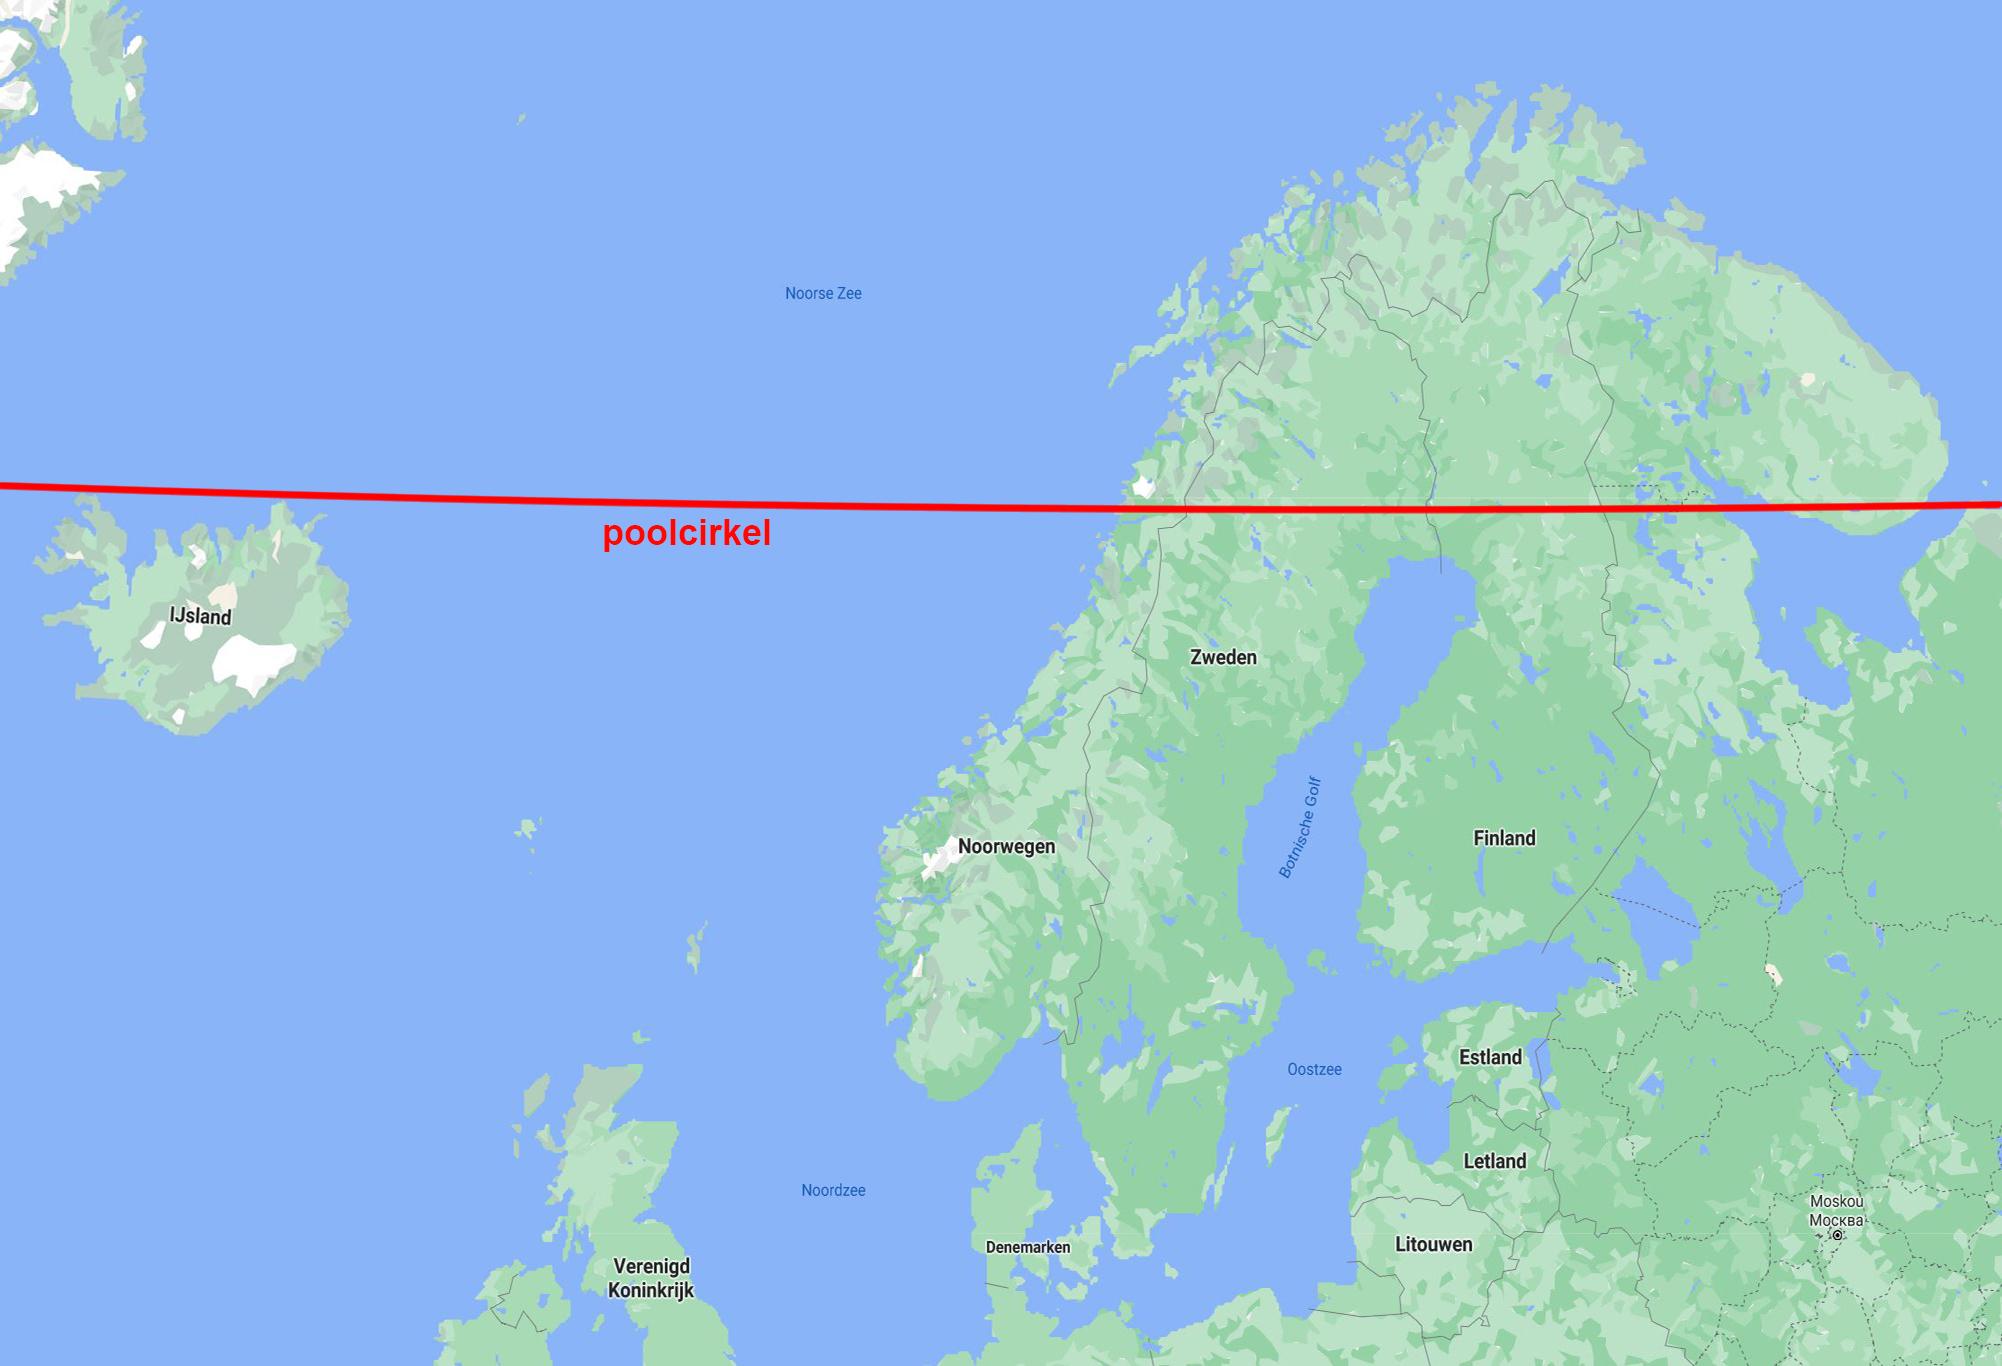 De poolcirkel loopt door Scandinavië